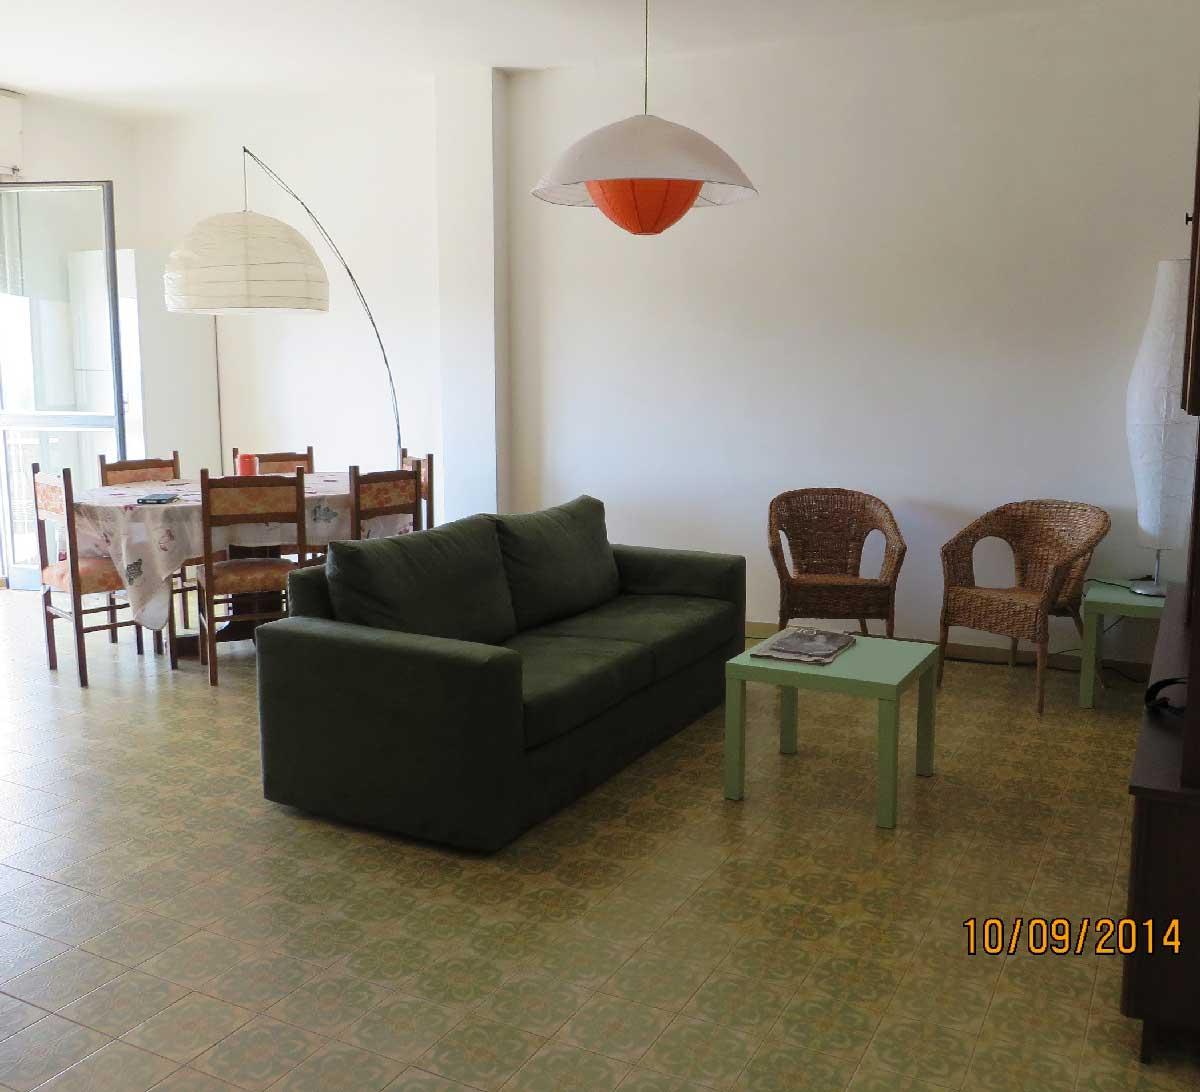 Appartamento Vista Mare in affitto Torre Dell'Orso.  ml 80 spiaggia. Cod. TDO 015